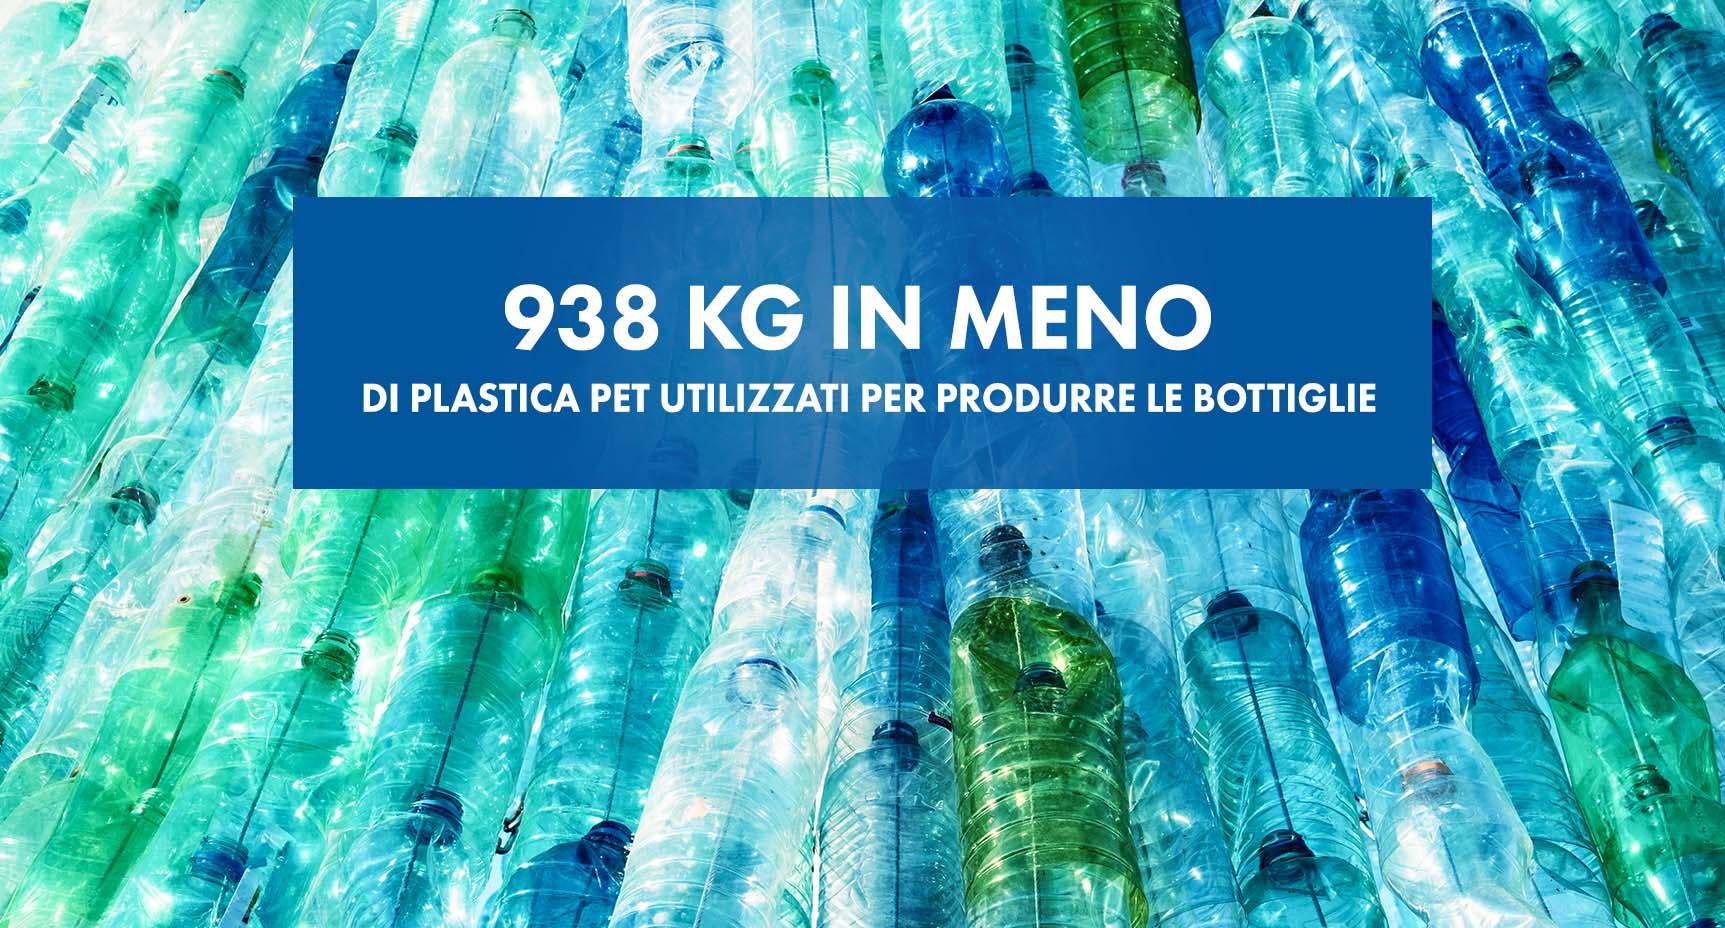 Plastic-free-water-bottiglie_di_plastica_in_meno